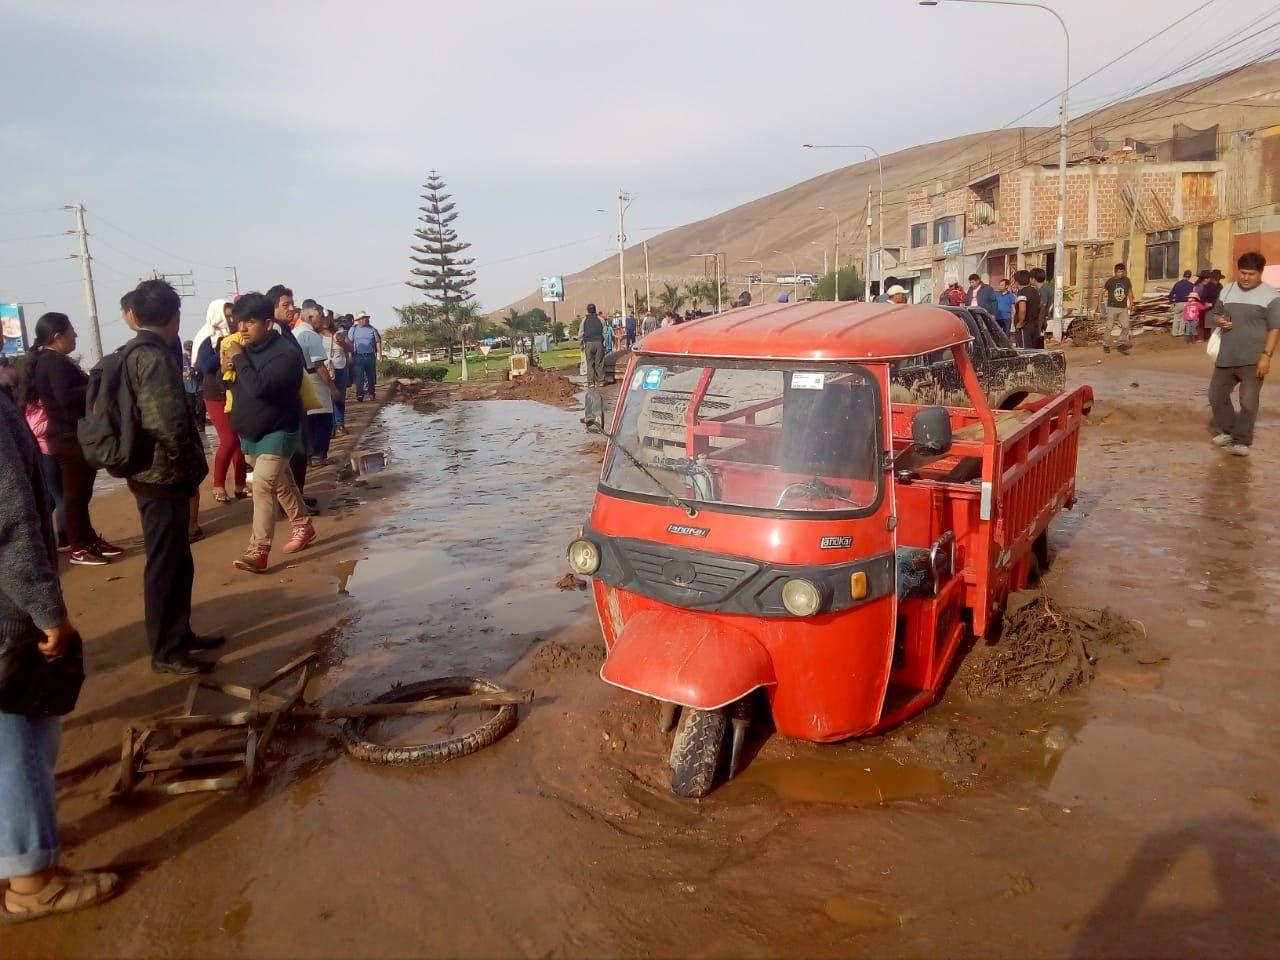 Una comitiva del Gobierno viajó esta mañana para apoyar la emergencia en la región Tacna.